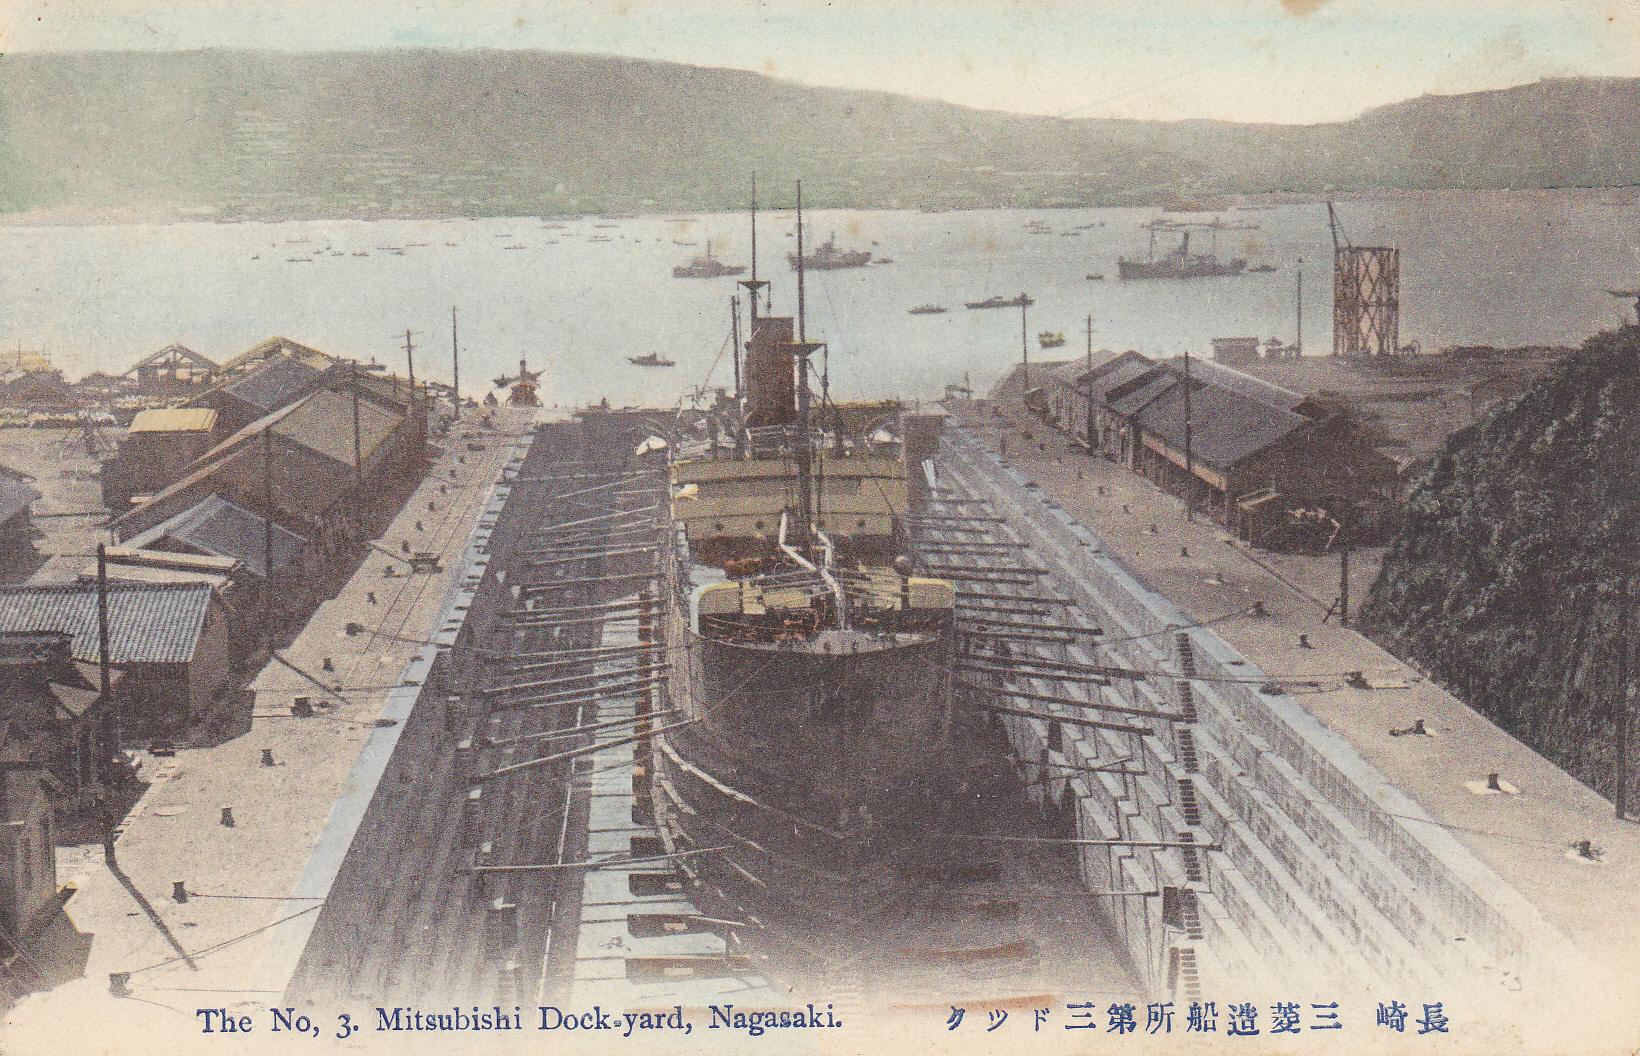 三菱造船所第3ドック